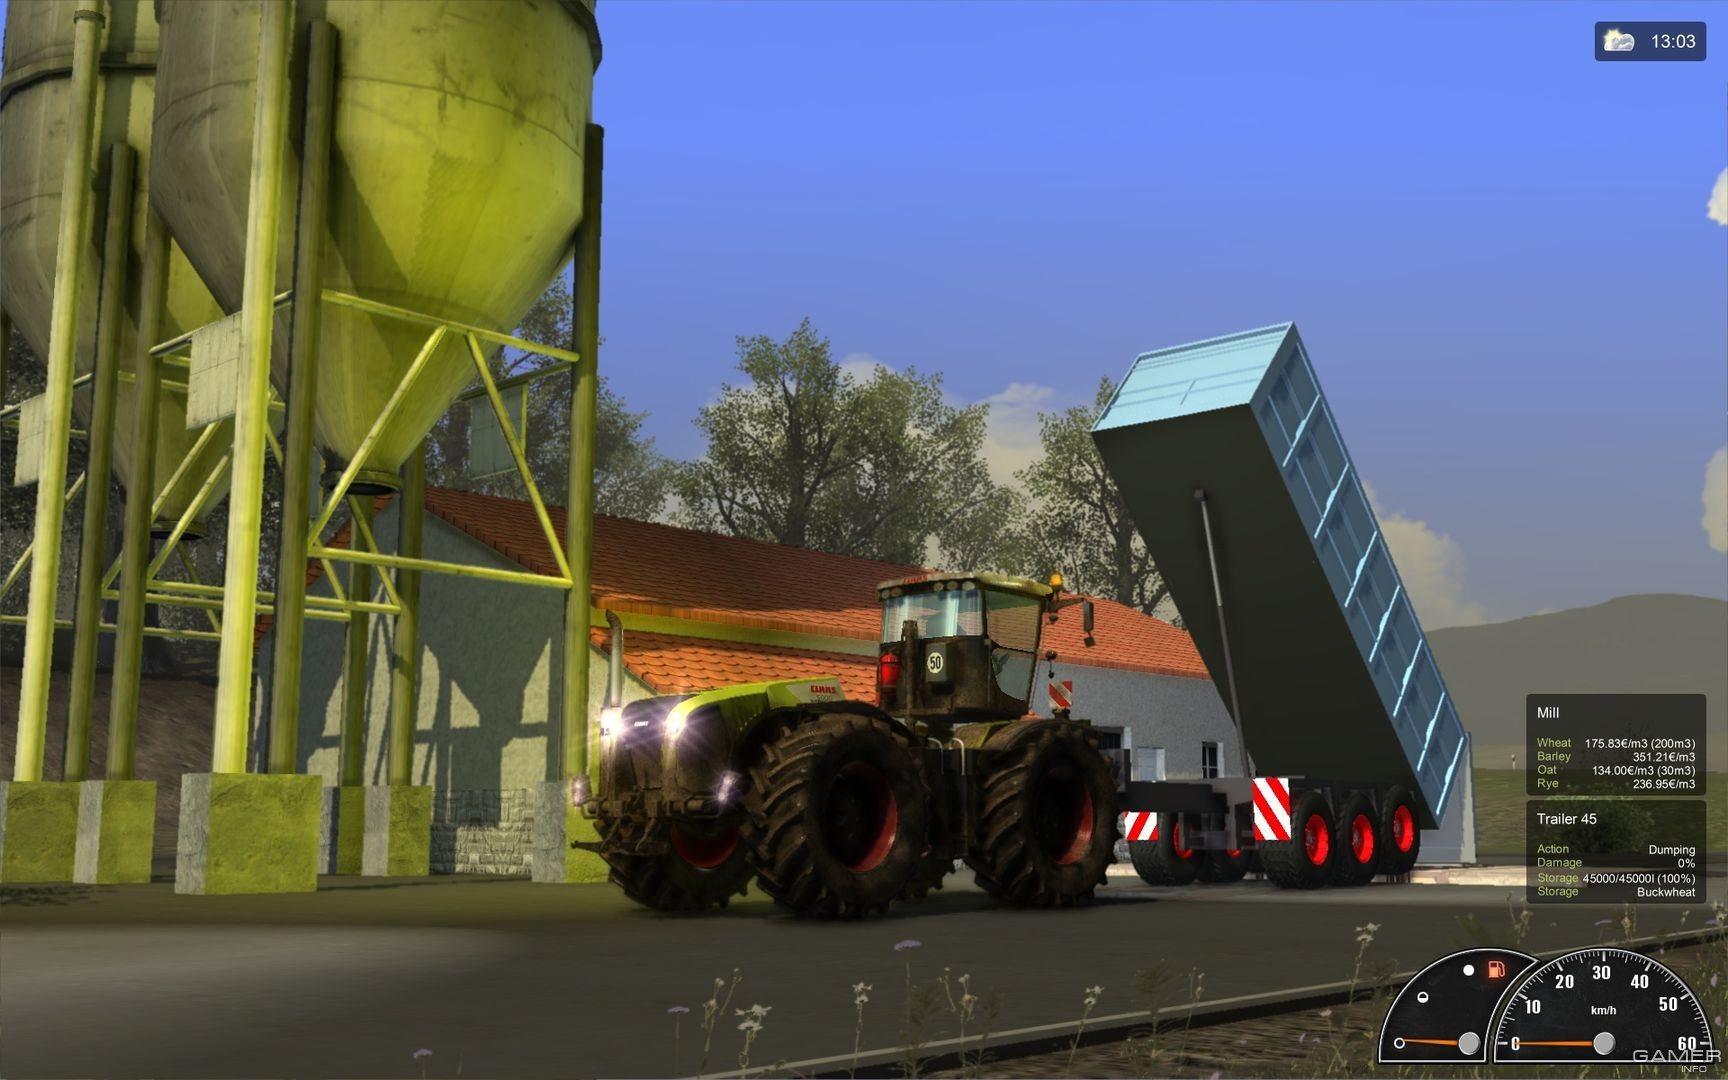 Agricultural Simulator 2013 Free Download - Ocean Of Games